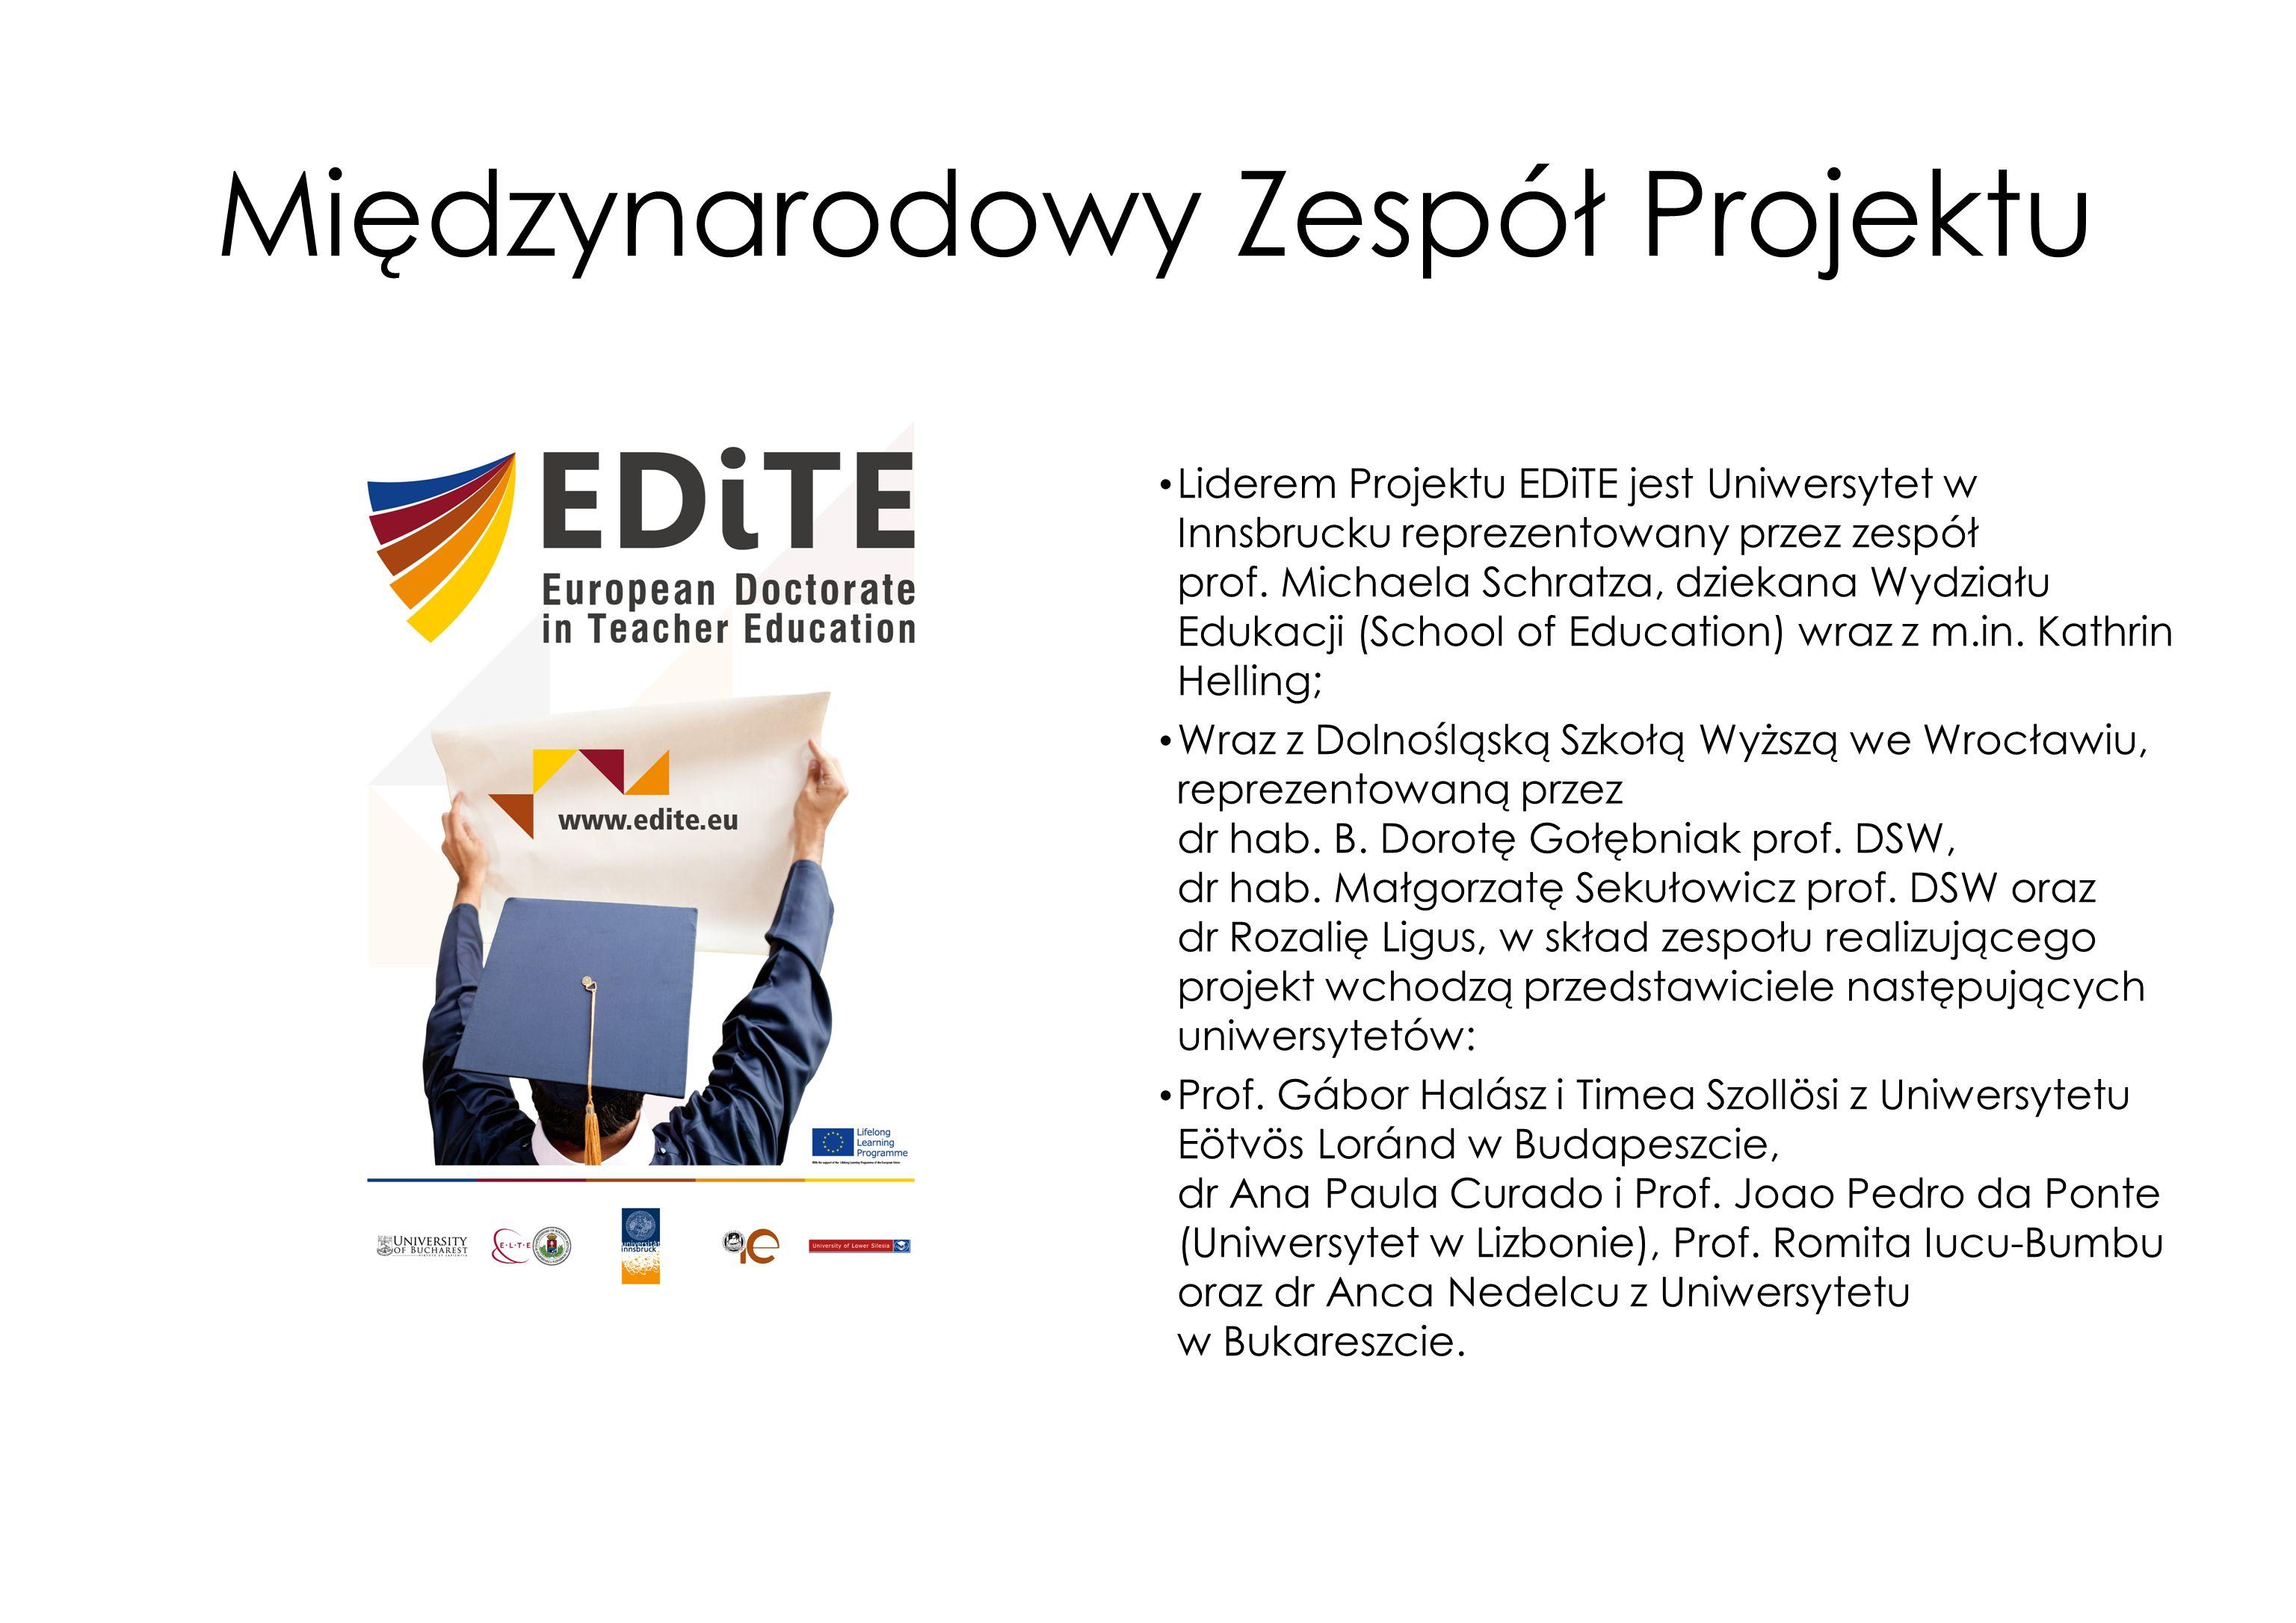 Międzynarodowy Zespół Projektu Liderem Projektu EDiTE jest Uniwersytet w Innsbrucku reprezentowany przez zespół prof. Michaela Schratza, dziekana Wydz